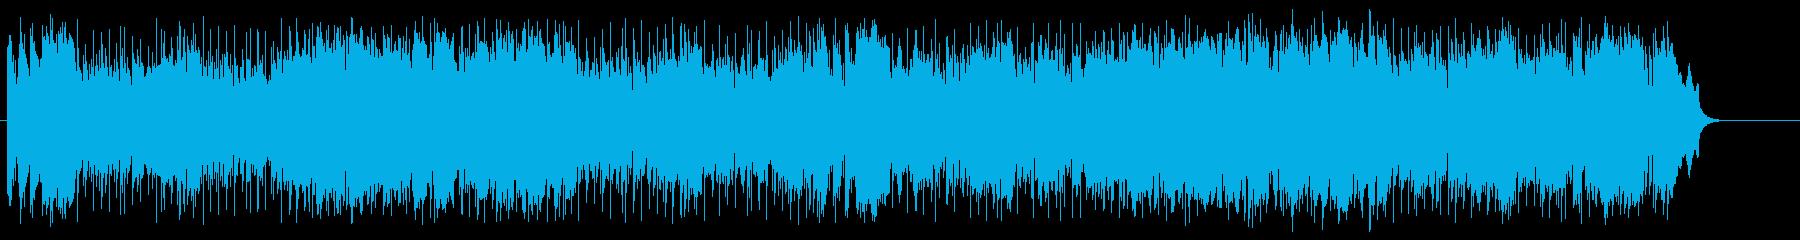 粋なマイナー・ポップ/フュージョンの再生済みの波形